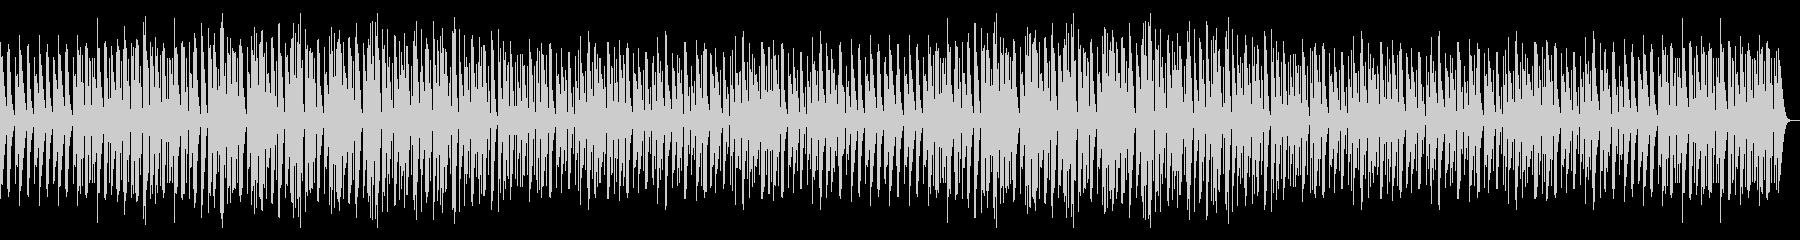 楽しいマリンバのBGMの未再生の波形